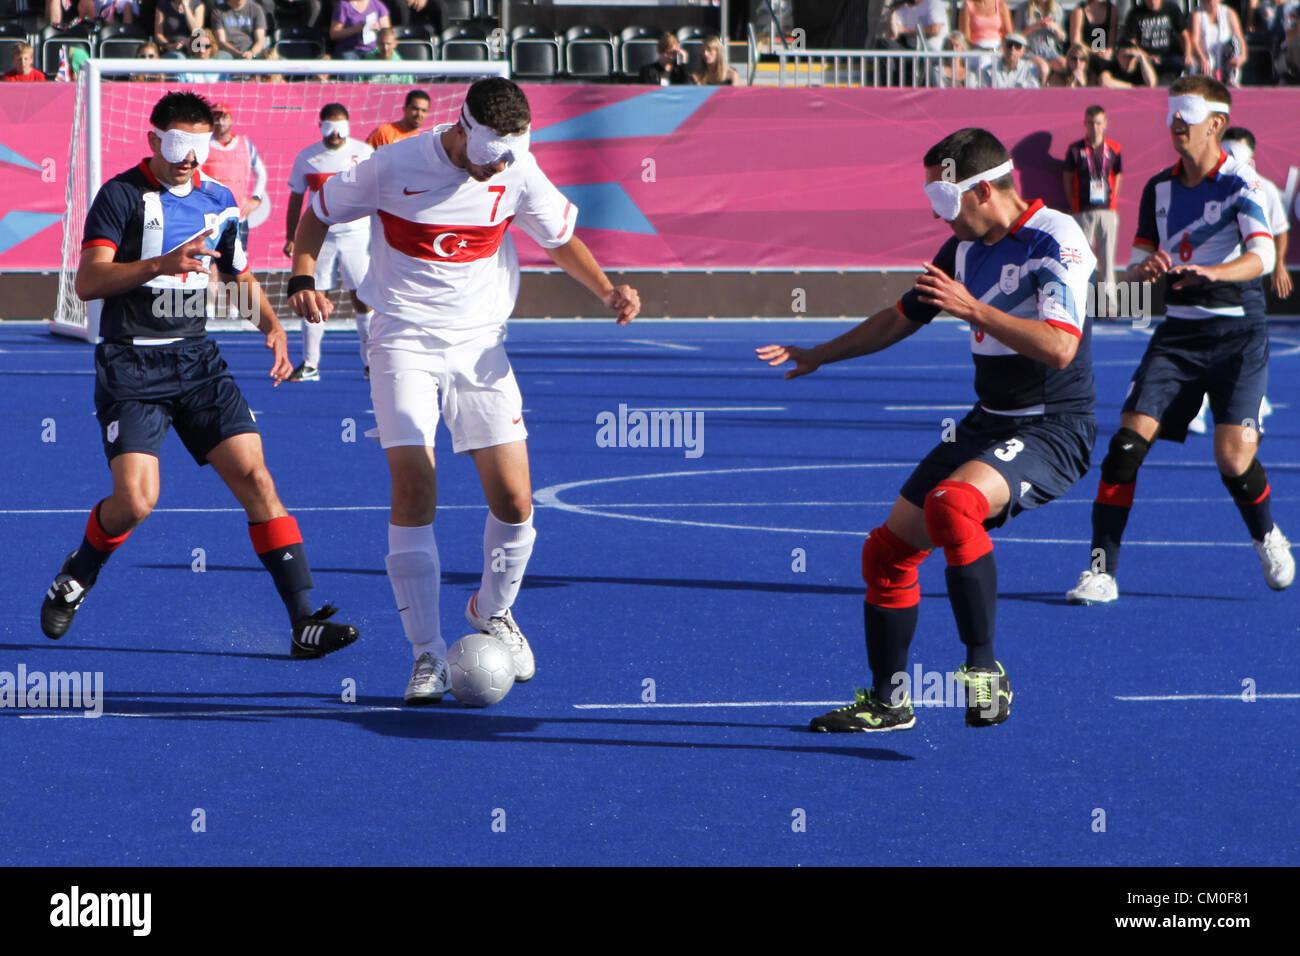 London, UK. 8th September 2012. 08.09.2012 London, England. Men\'s 5 ...